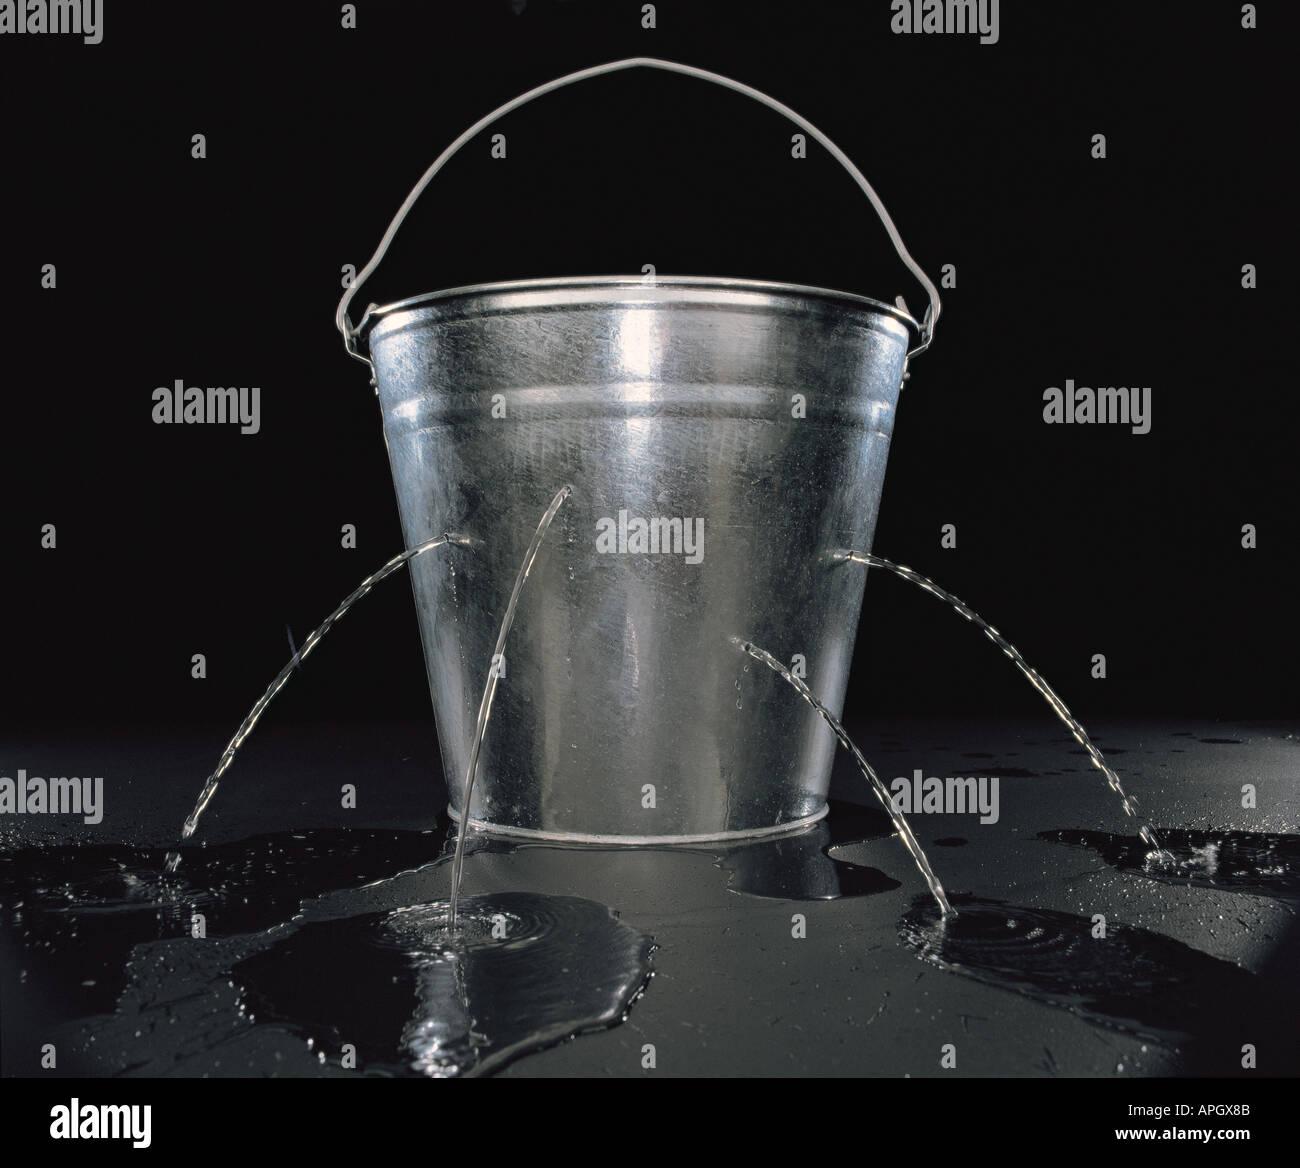 leaking bucket of water Stock Photo 5155466  Alamy